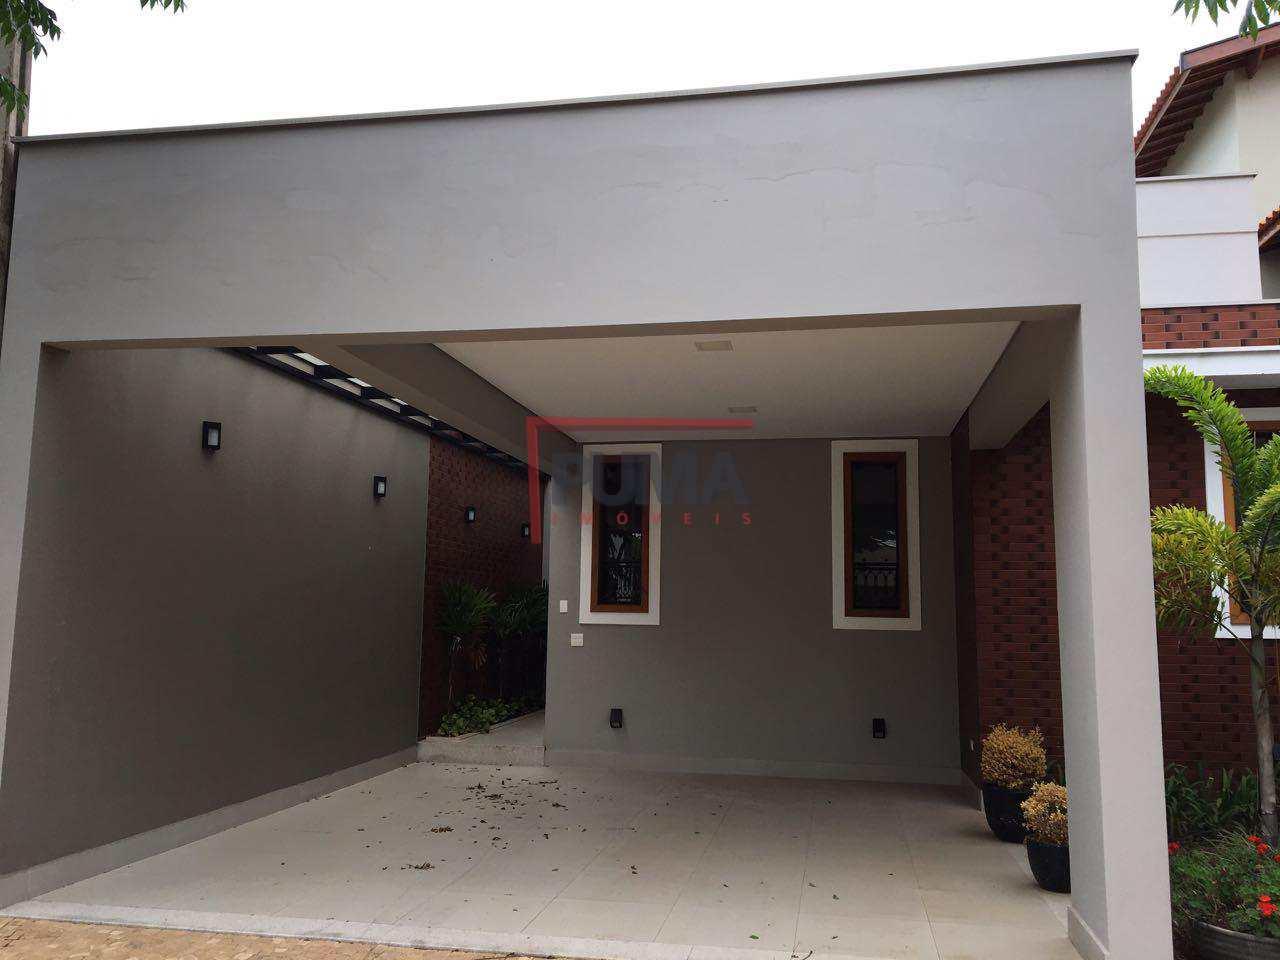 Casa de Condomínio com 3 dorms, Loteamento São Francisco, Piracicaba - R$ 690 mil, Cod: 515